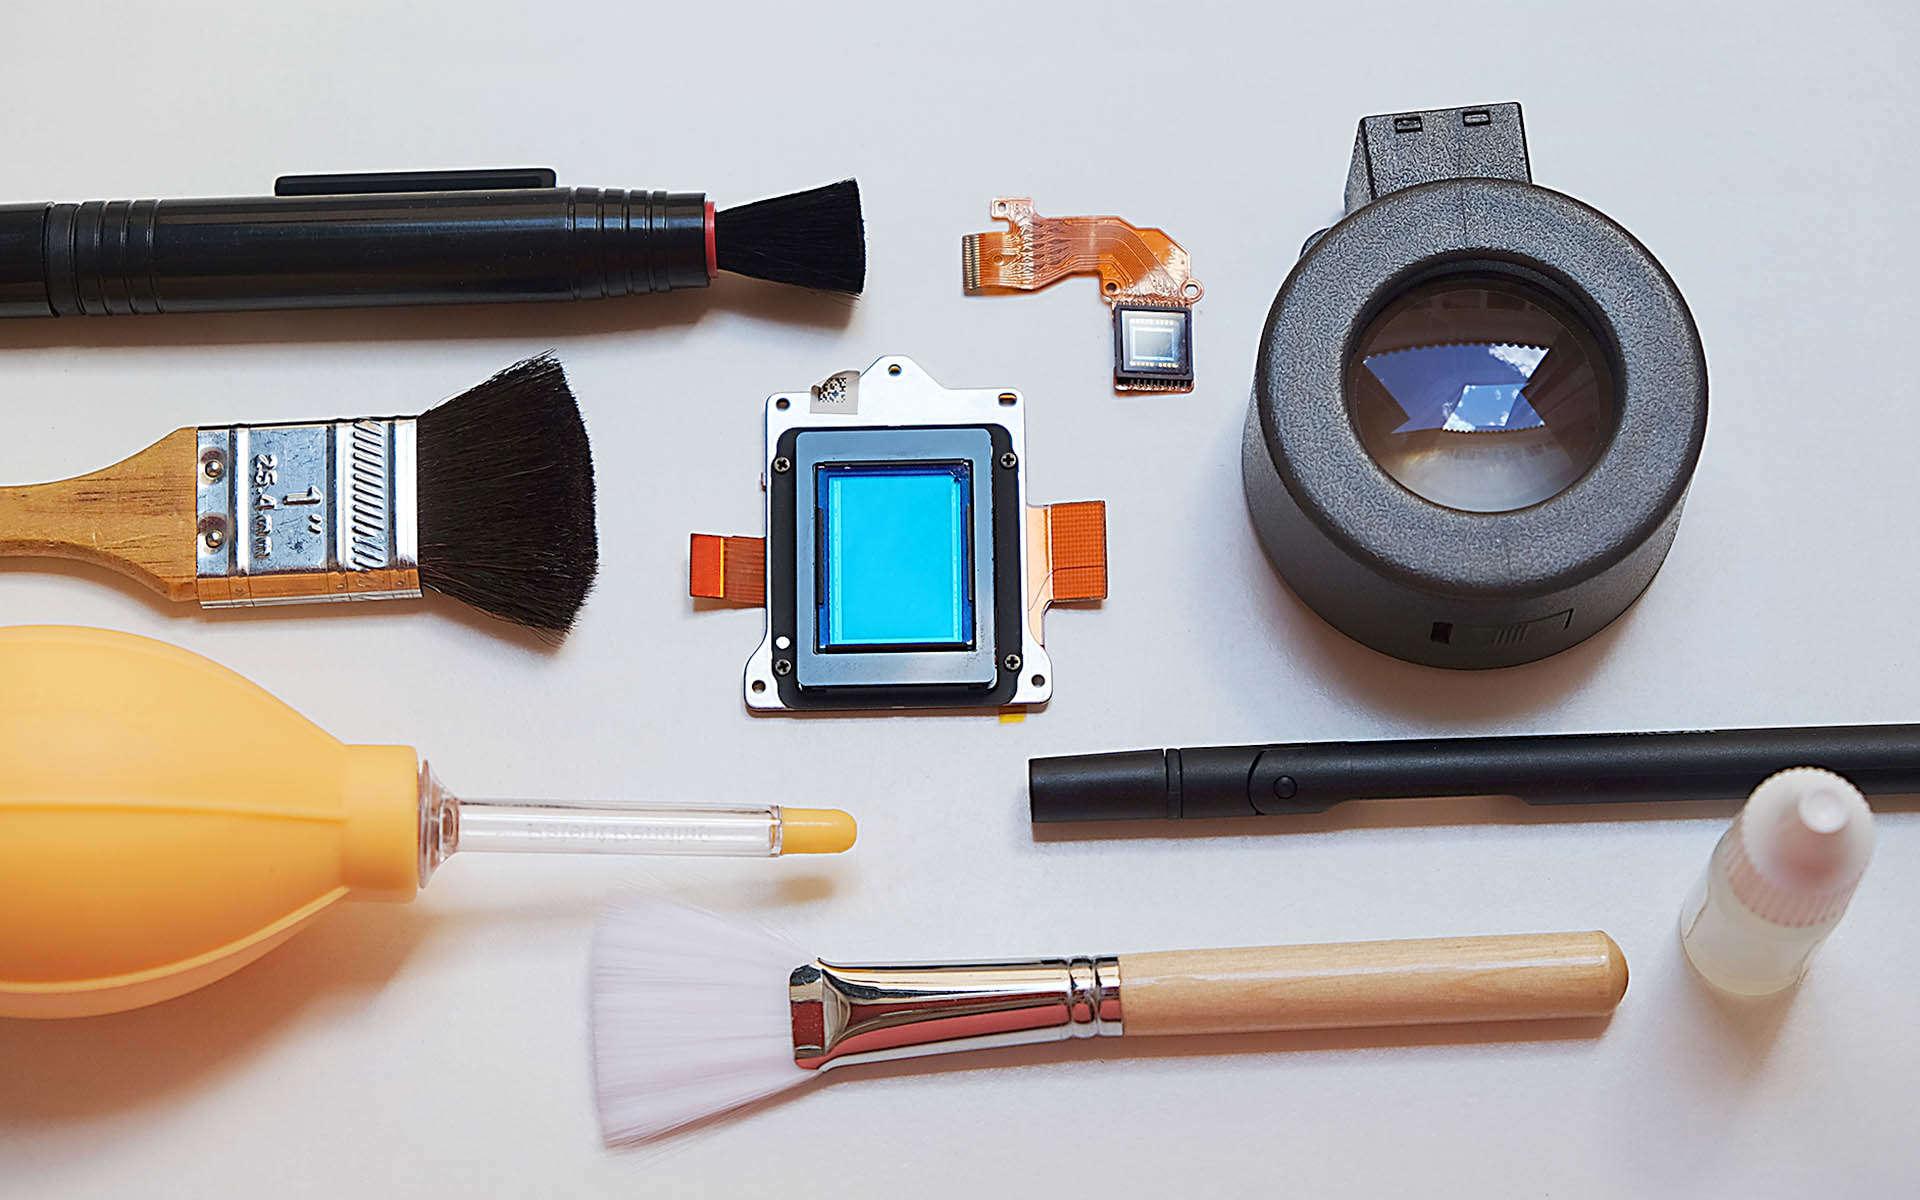 28 ABR – Mantenimiento equipo y limpieza sensor